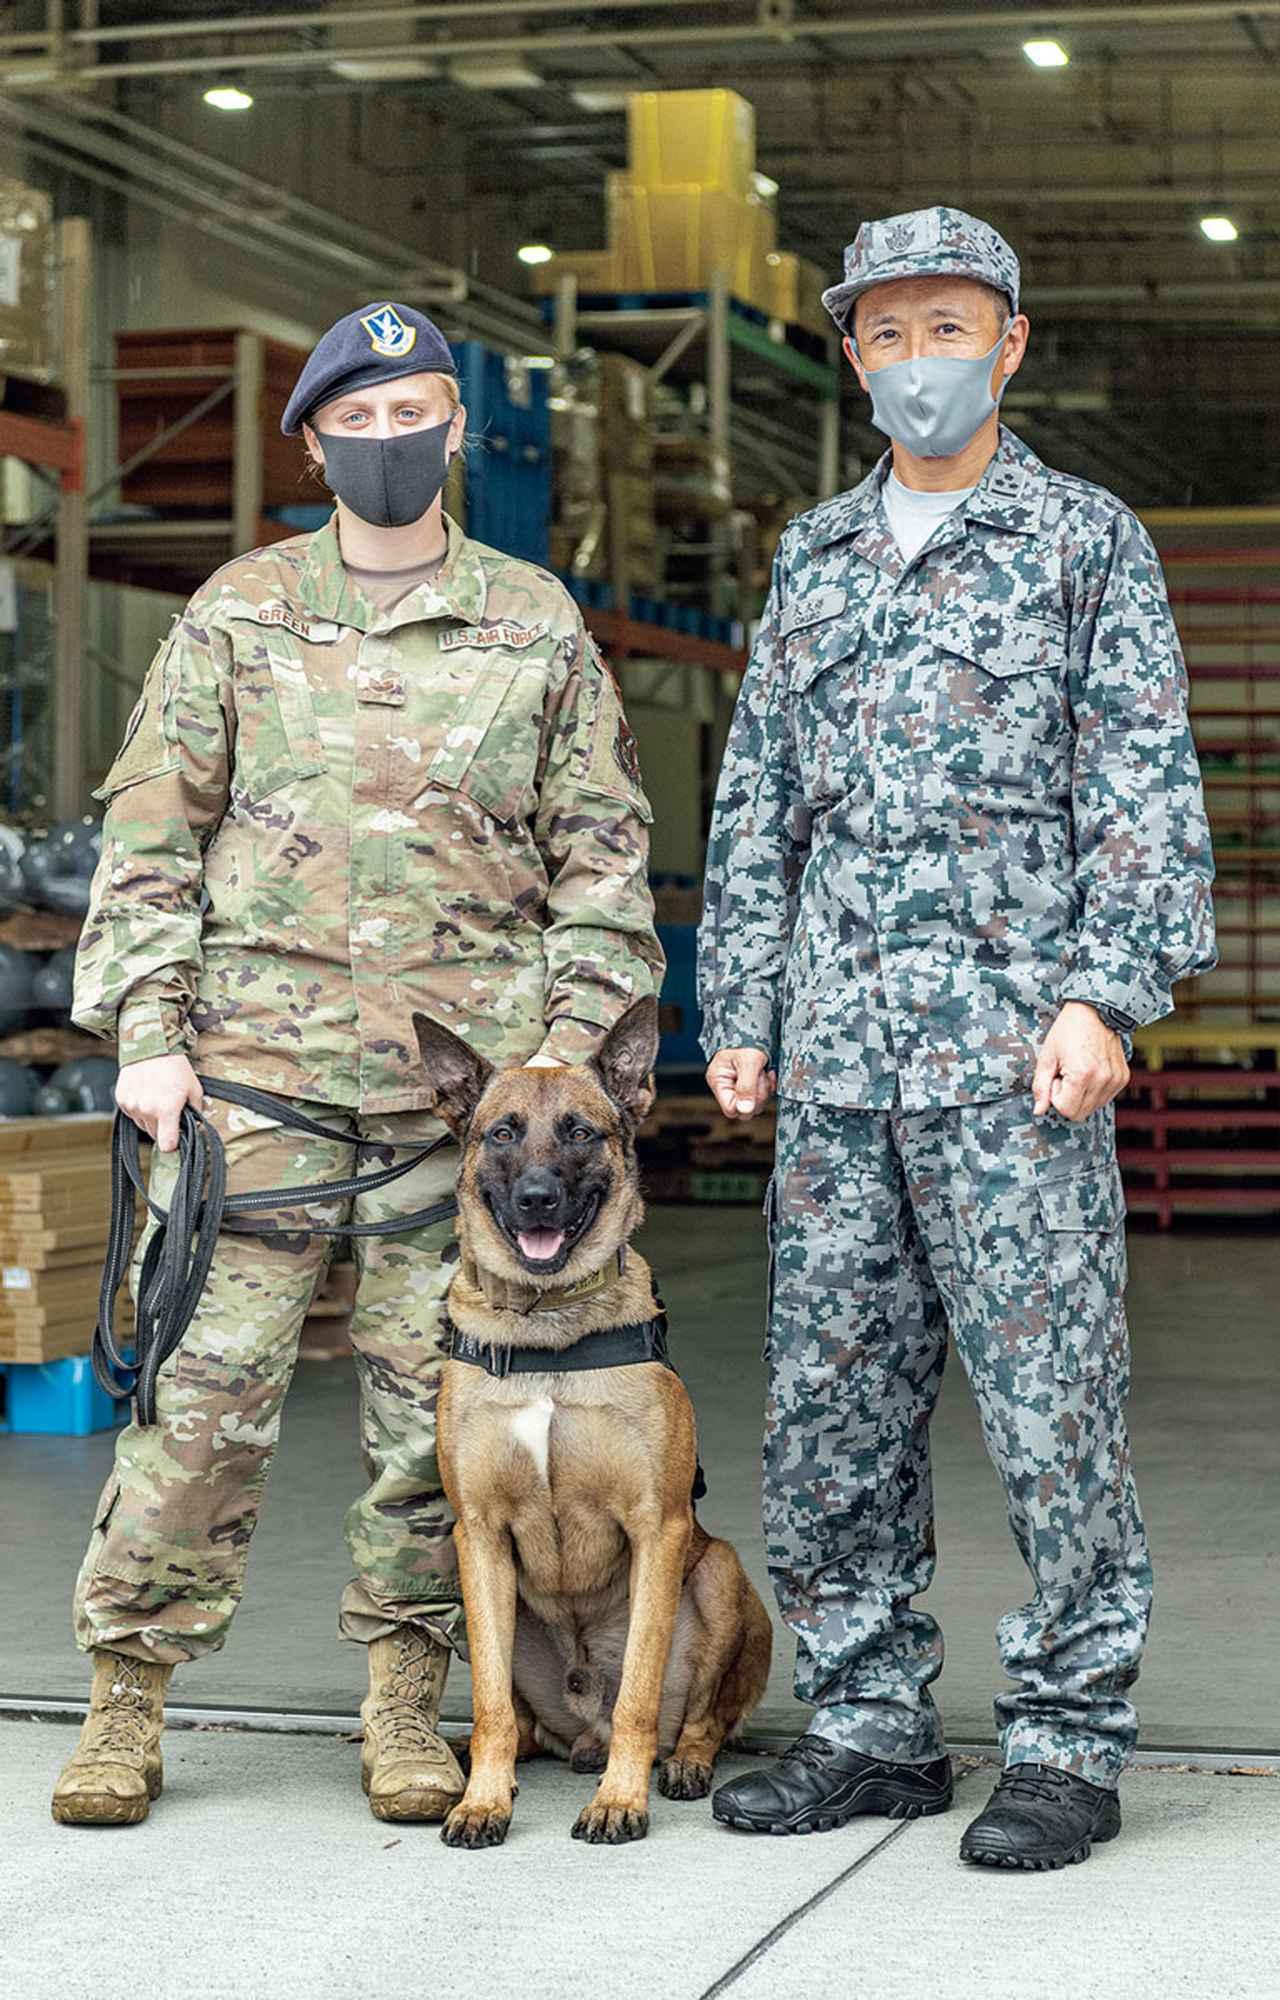 画像: アメリカ軍のハンドラーのグリーン軍曹&ジャーマン・シェパード・ドッグのロズウェル号のペア(左)と、大久保1尉